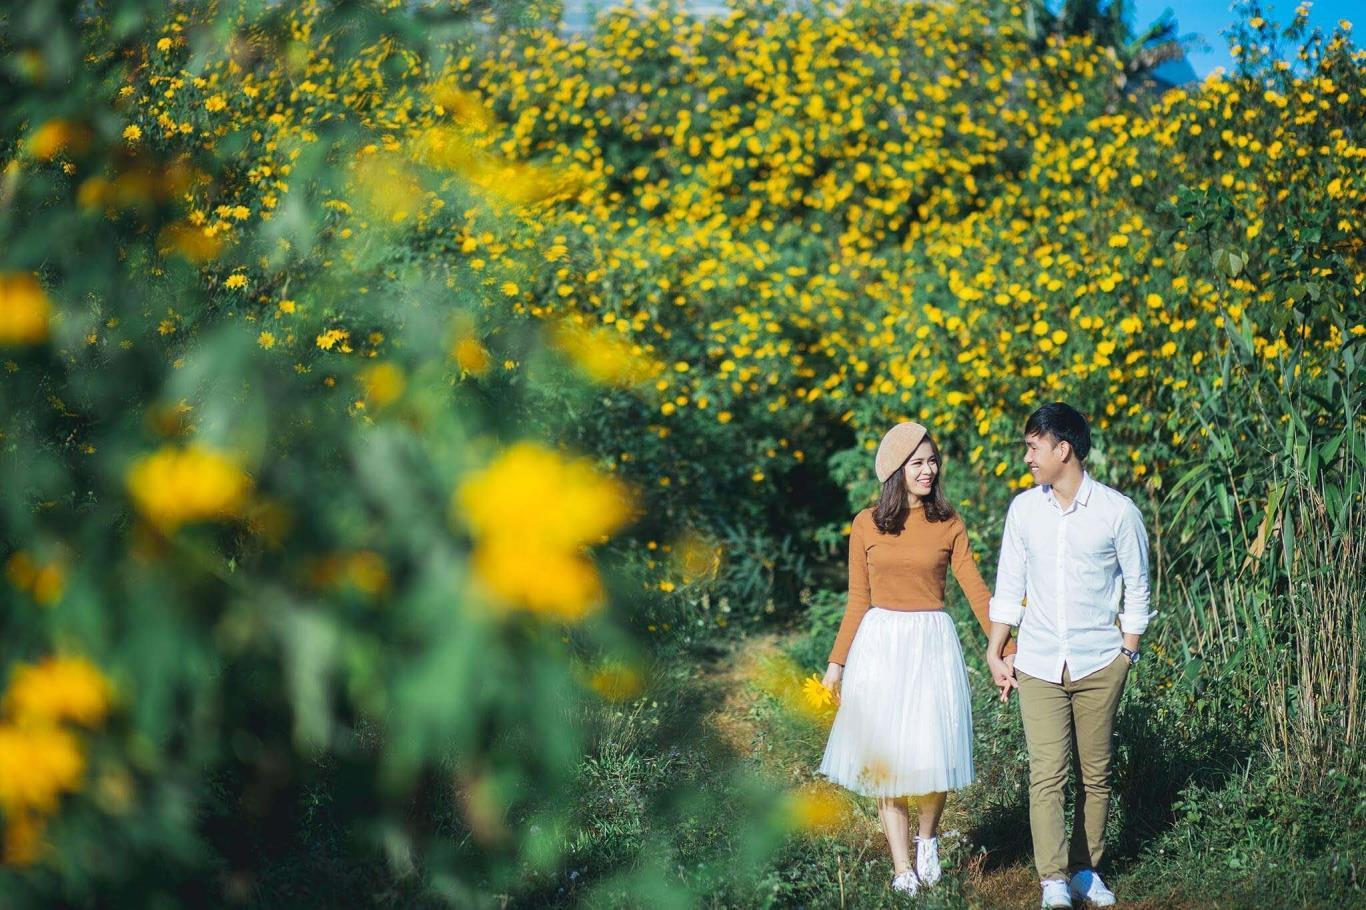 Rất nhiều cặp đôi mến sắc vàng của hoa Dã Quỳ Đà Lạt, tận dụng màu vàng đầy sắc sống này để làm nền cho bộ ảnh cưới của mình